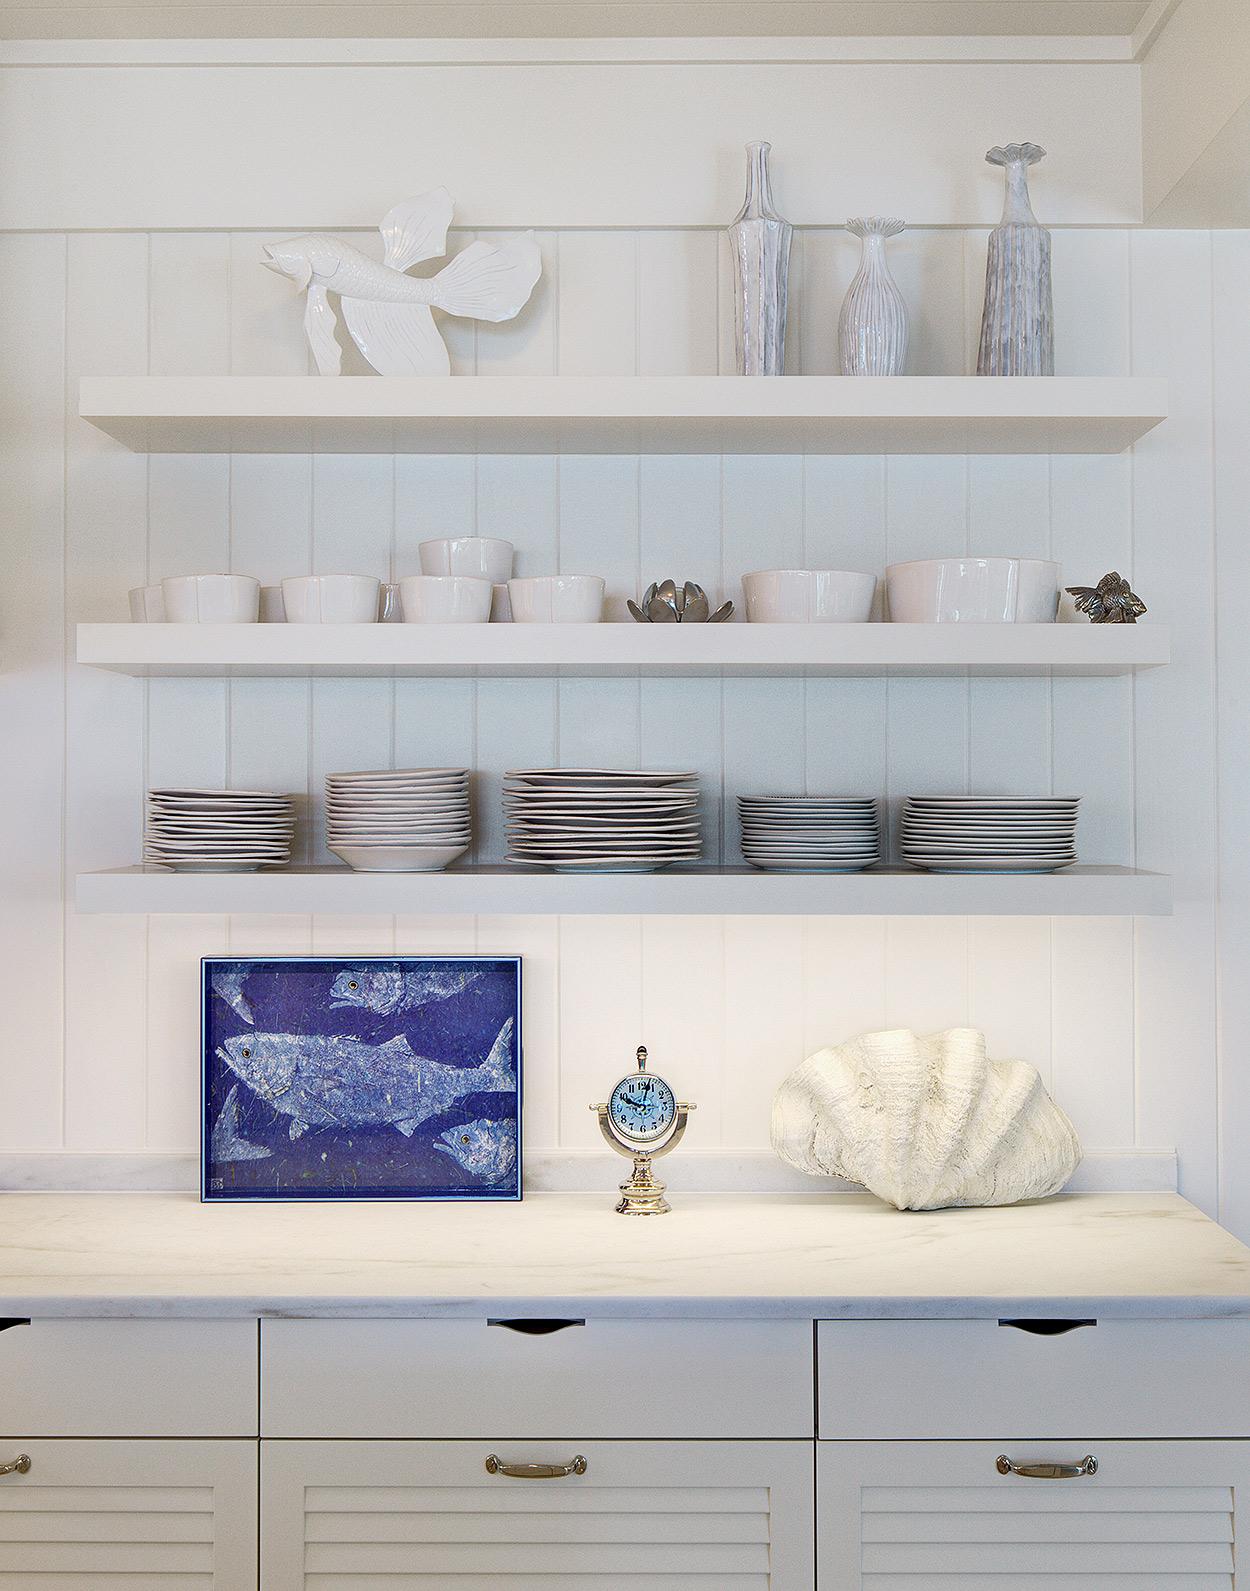 KitchenDetail3.jpg